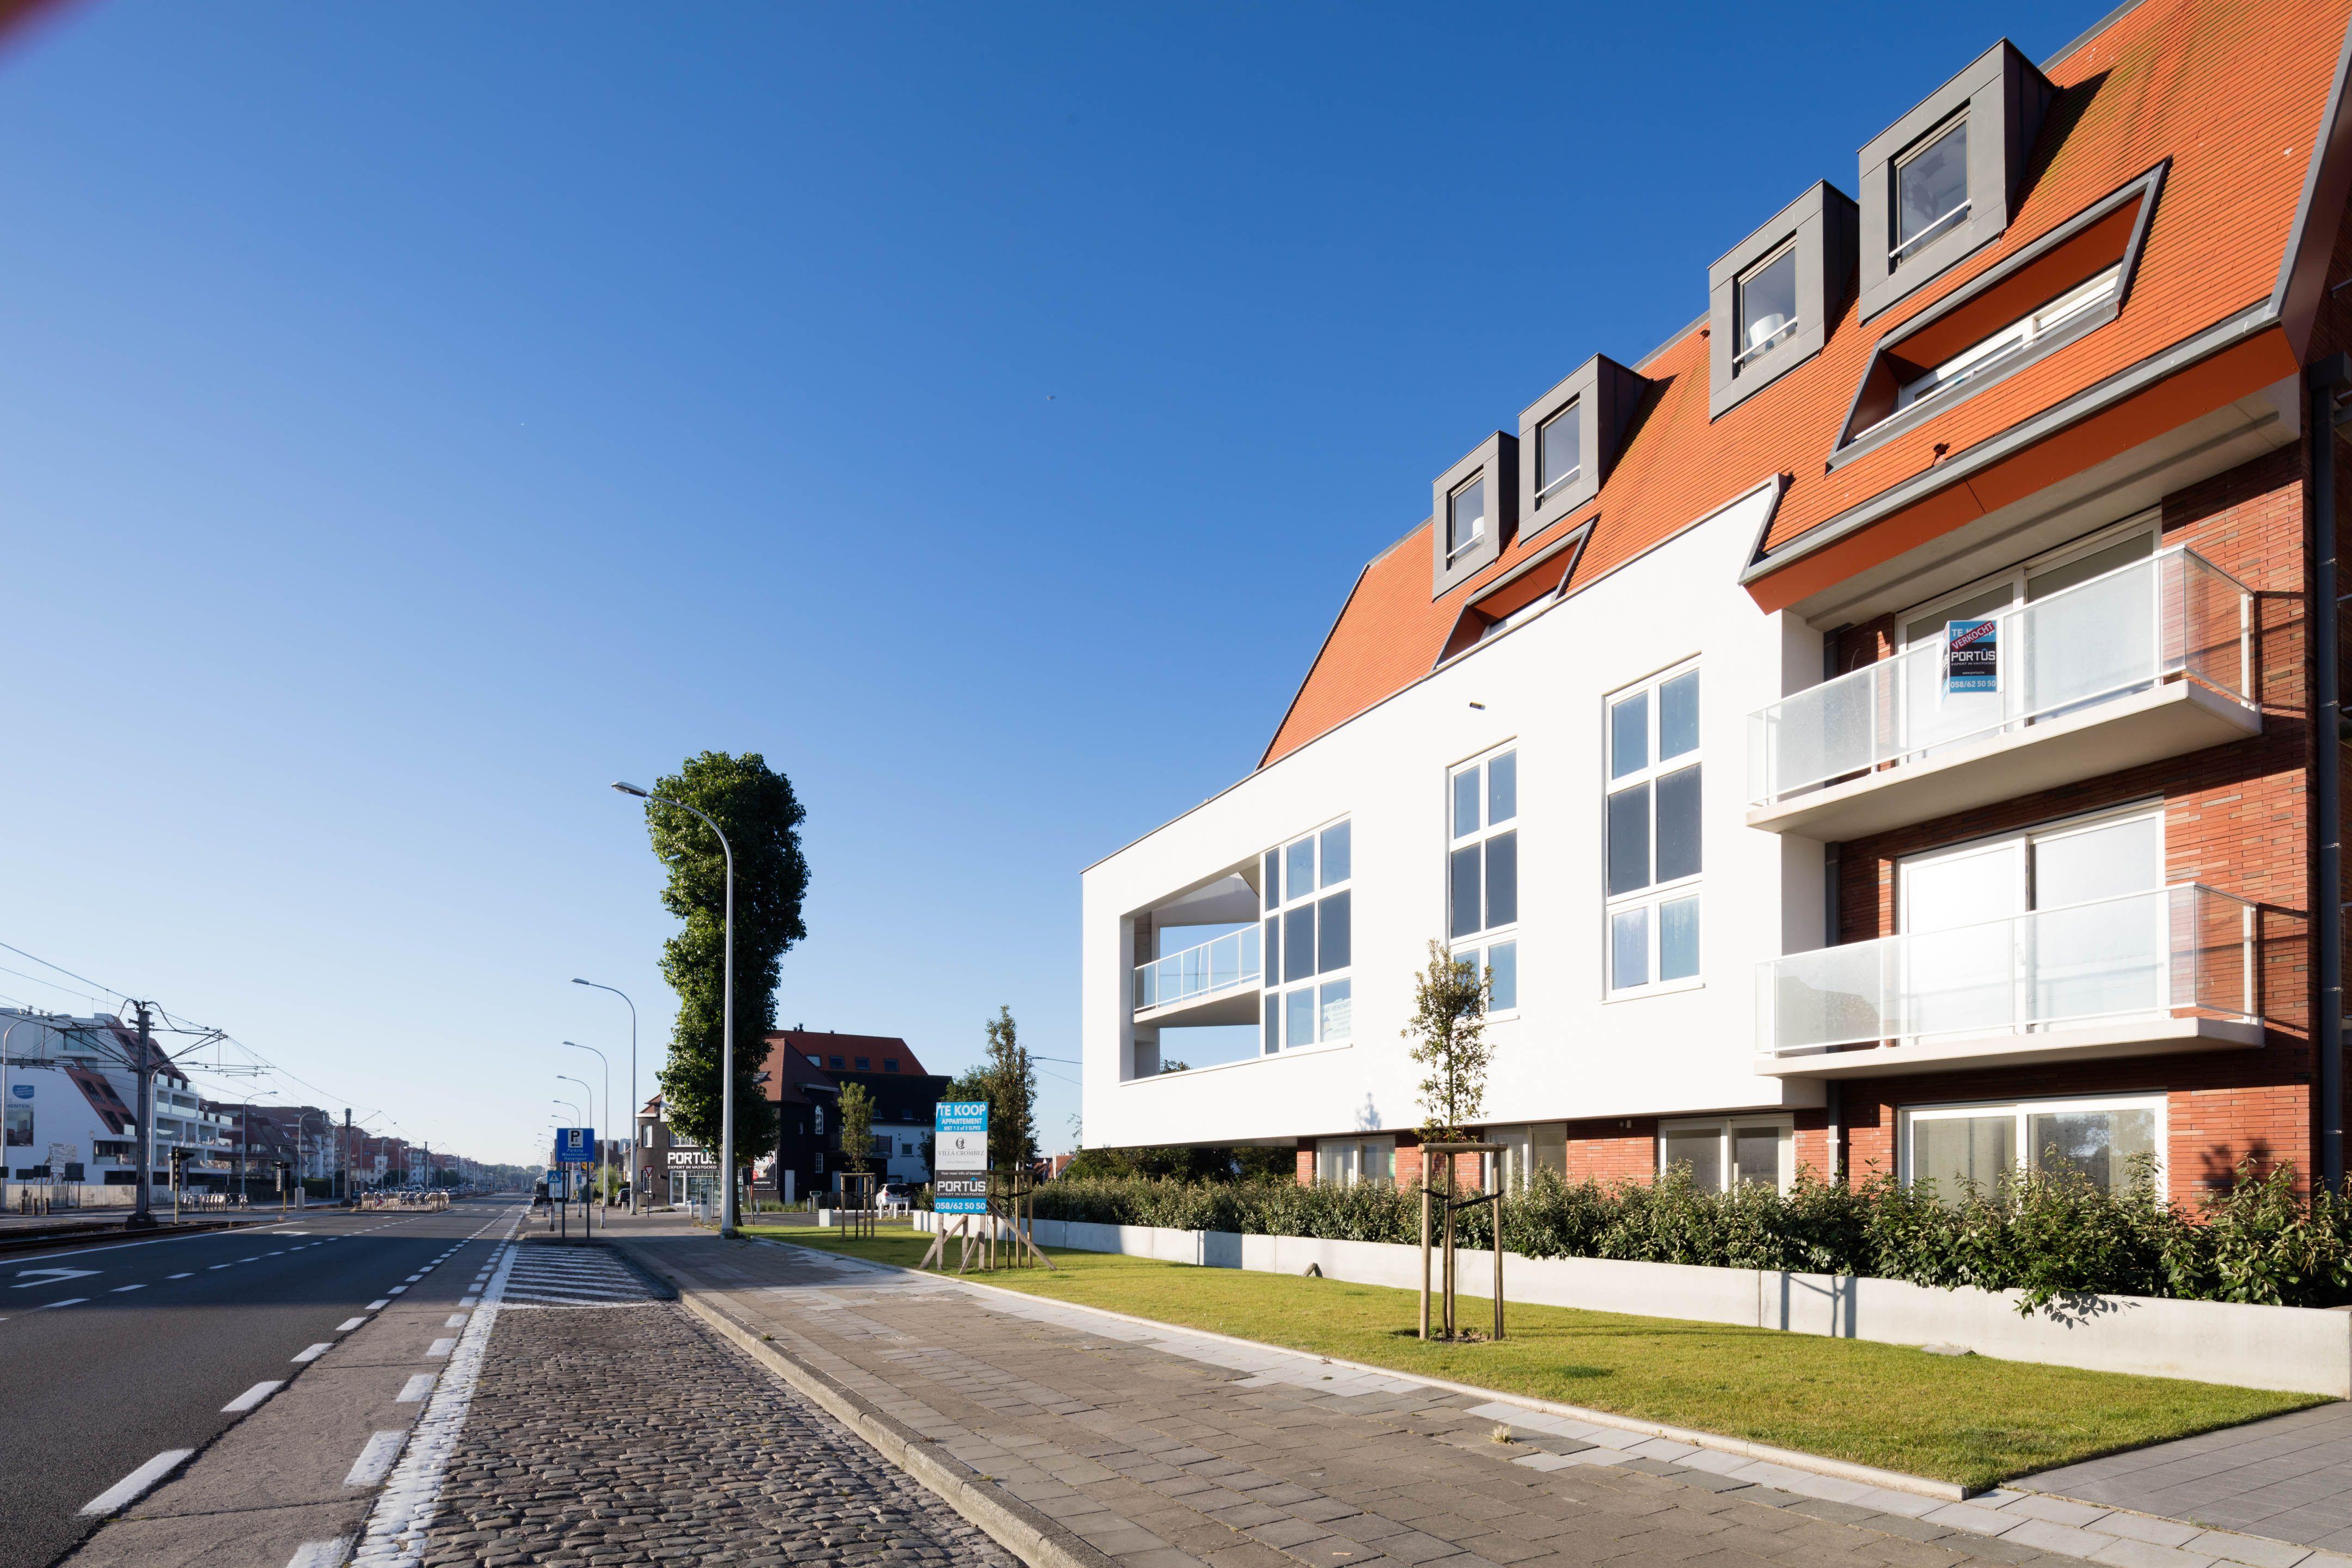 Appartement Residentie Villa Crombez Nieuwpoort - 9353